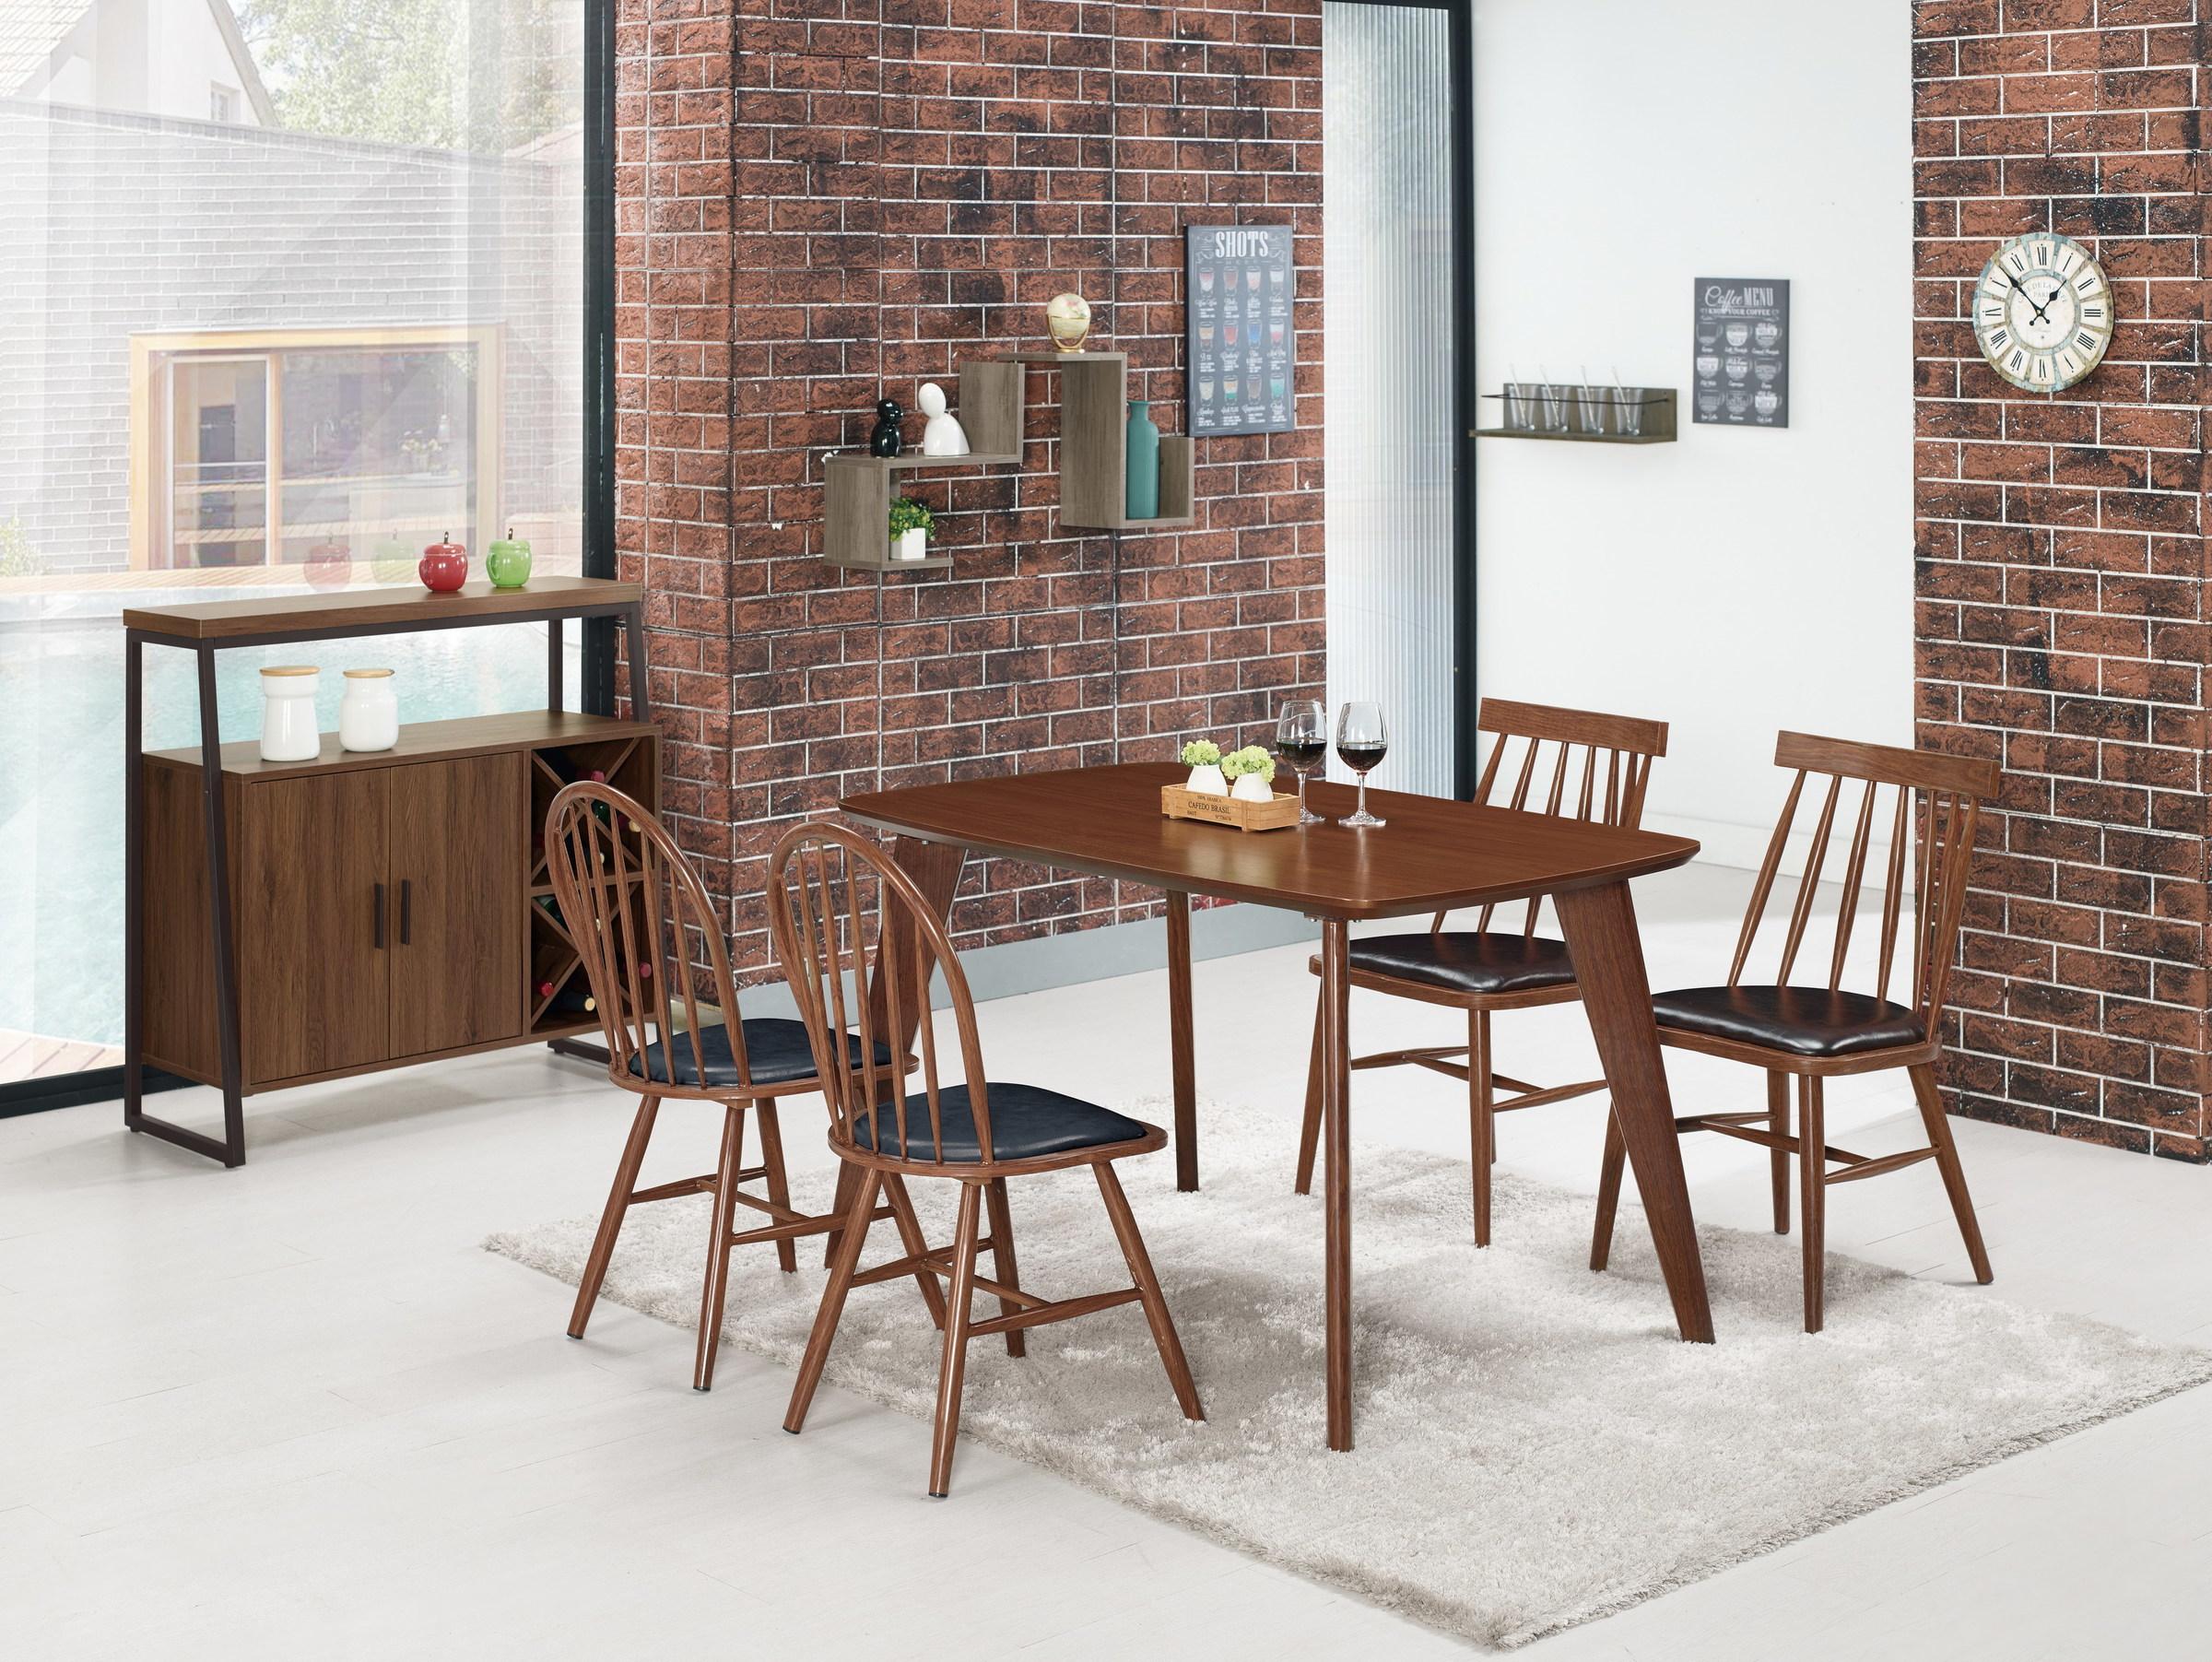 474-2 貝琪4.3尺餐桌+519-2+519-3.jpg